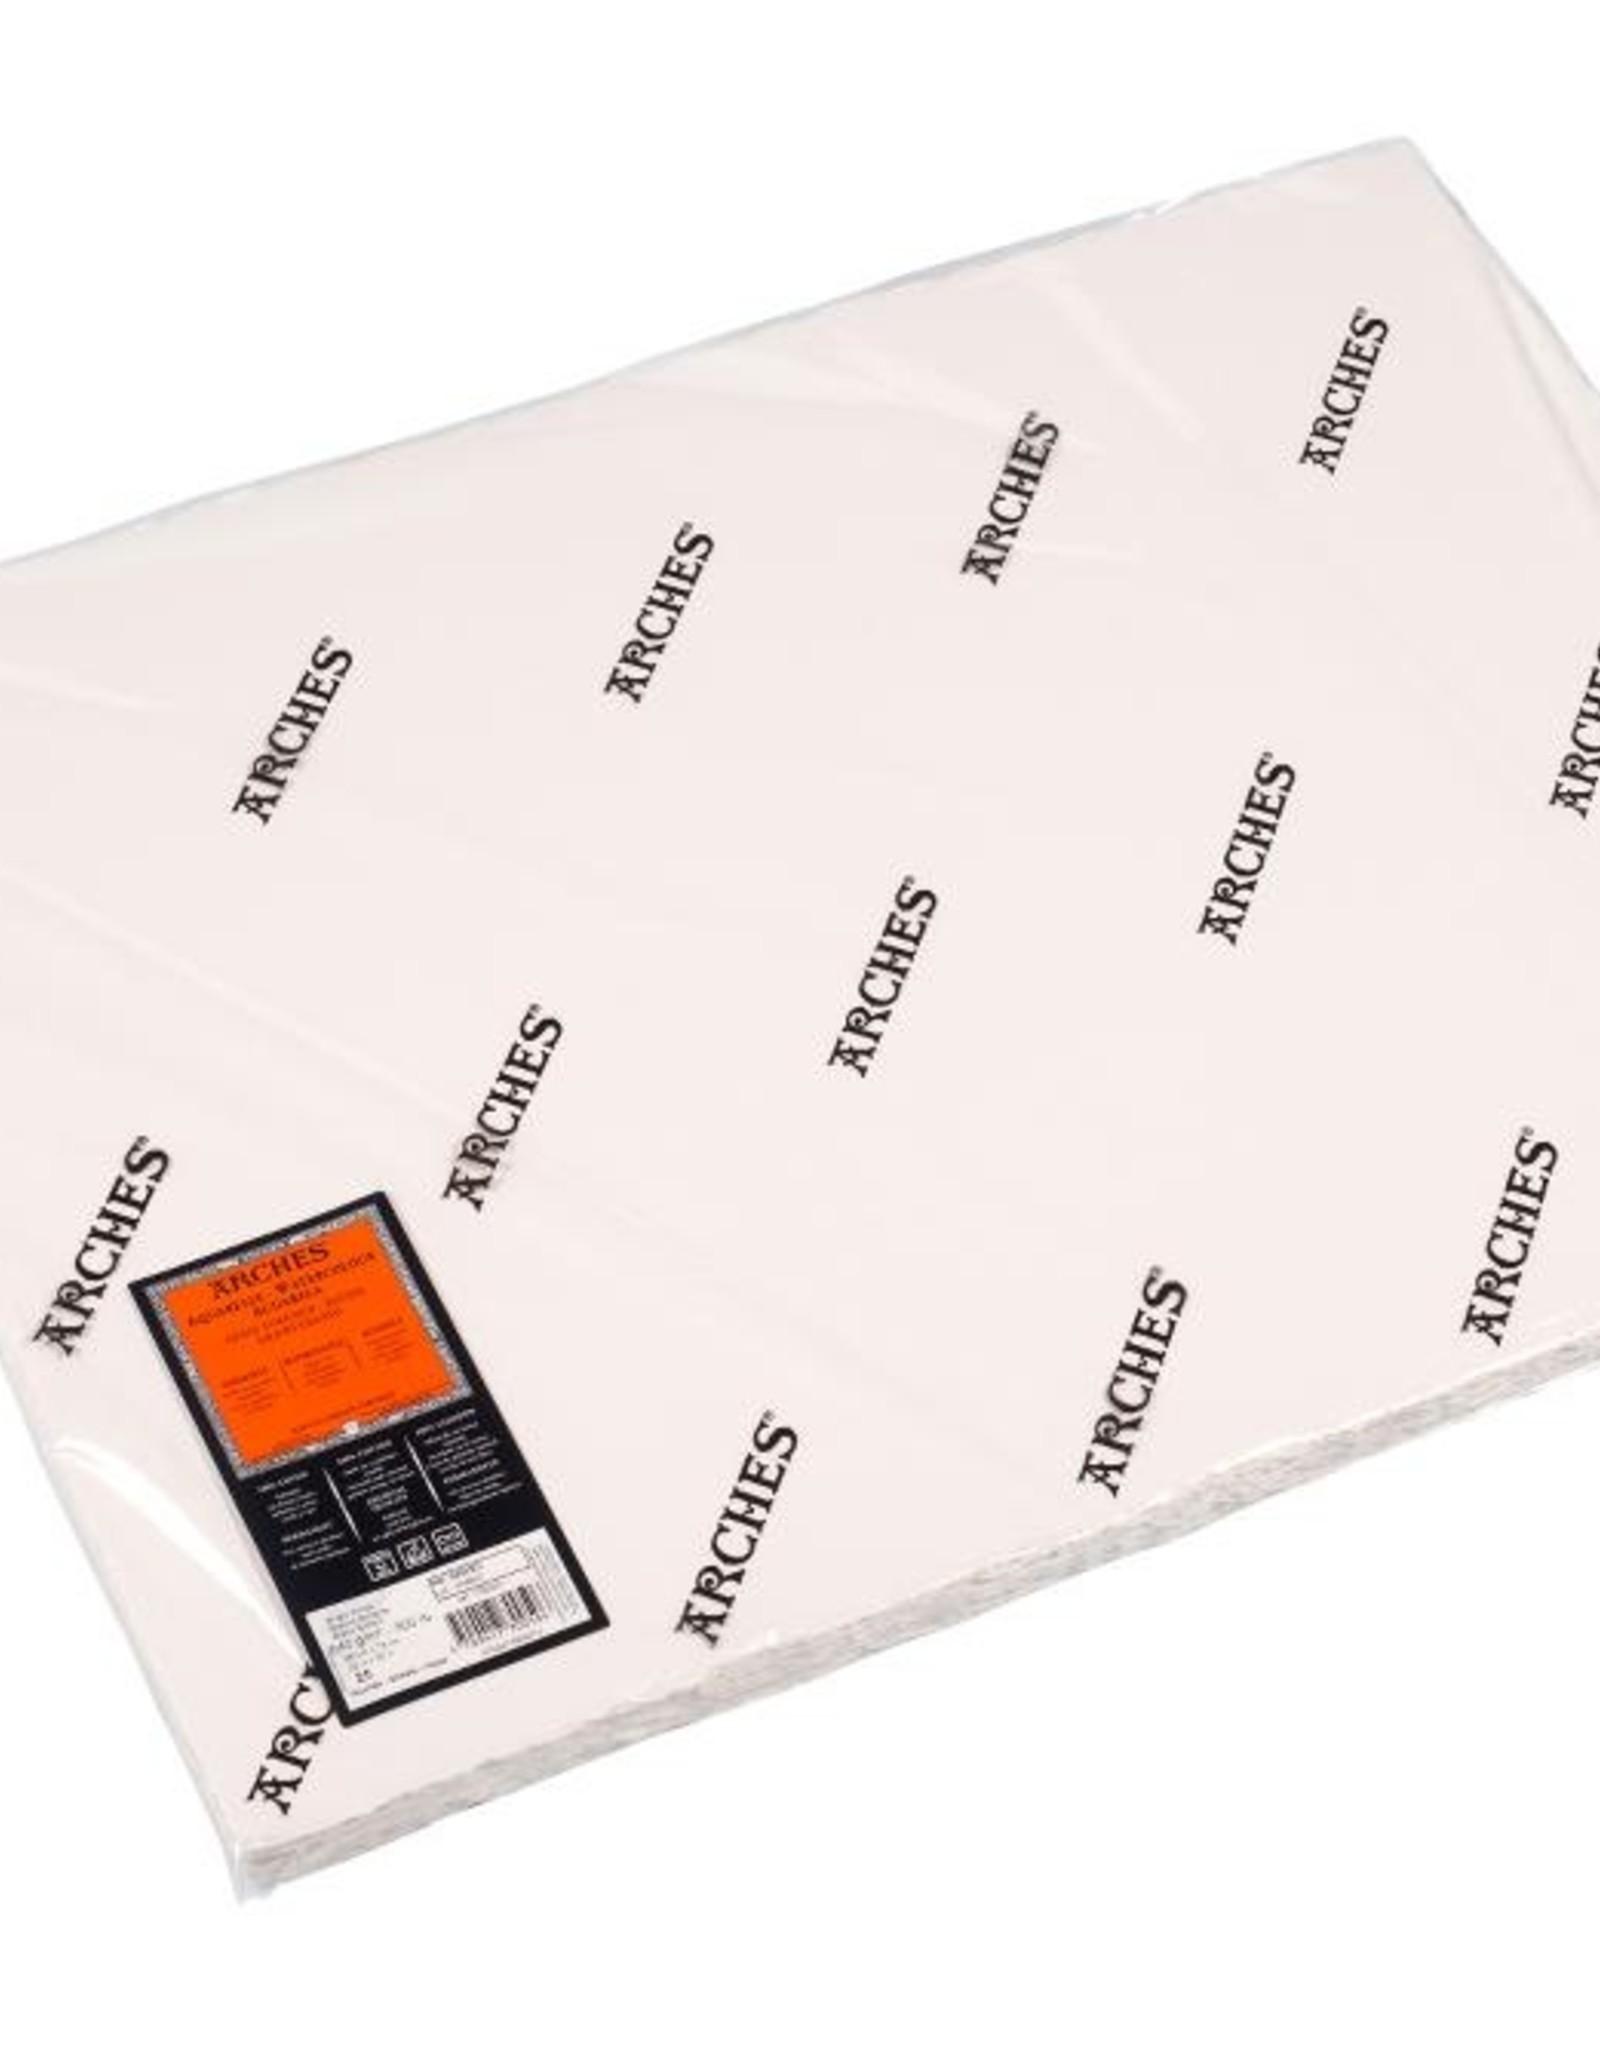 Canson 5 vel Arches Aquarelpapier wit 300grams 56x76 ruw. Verstuurd in een ruime koker.